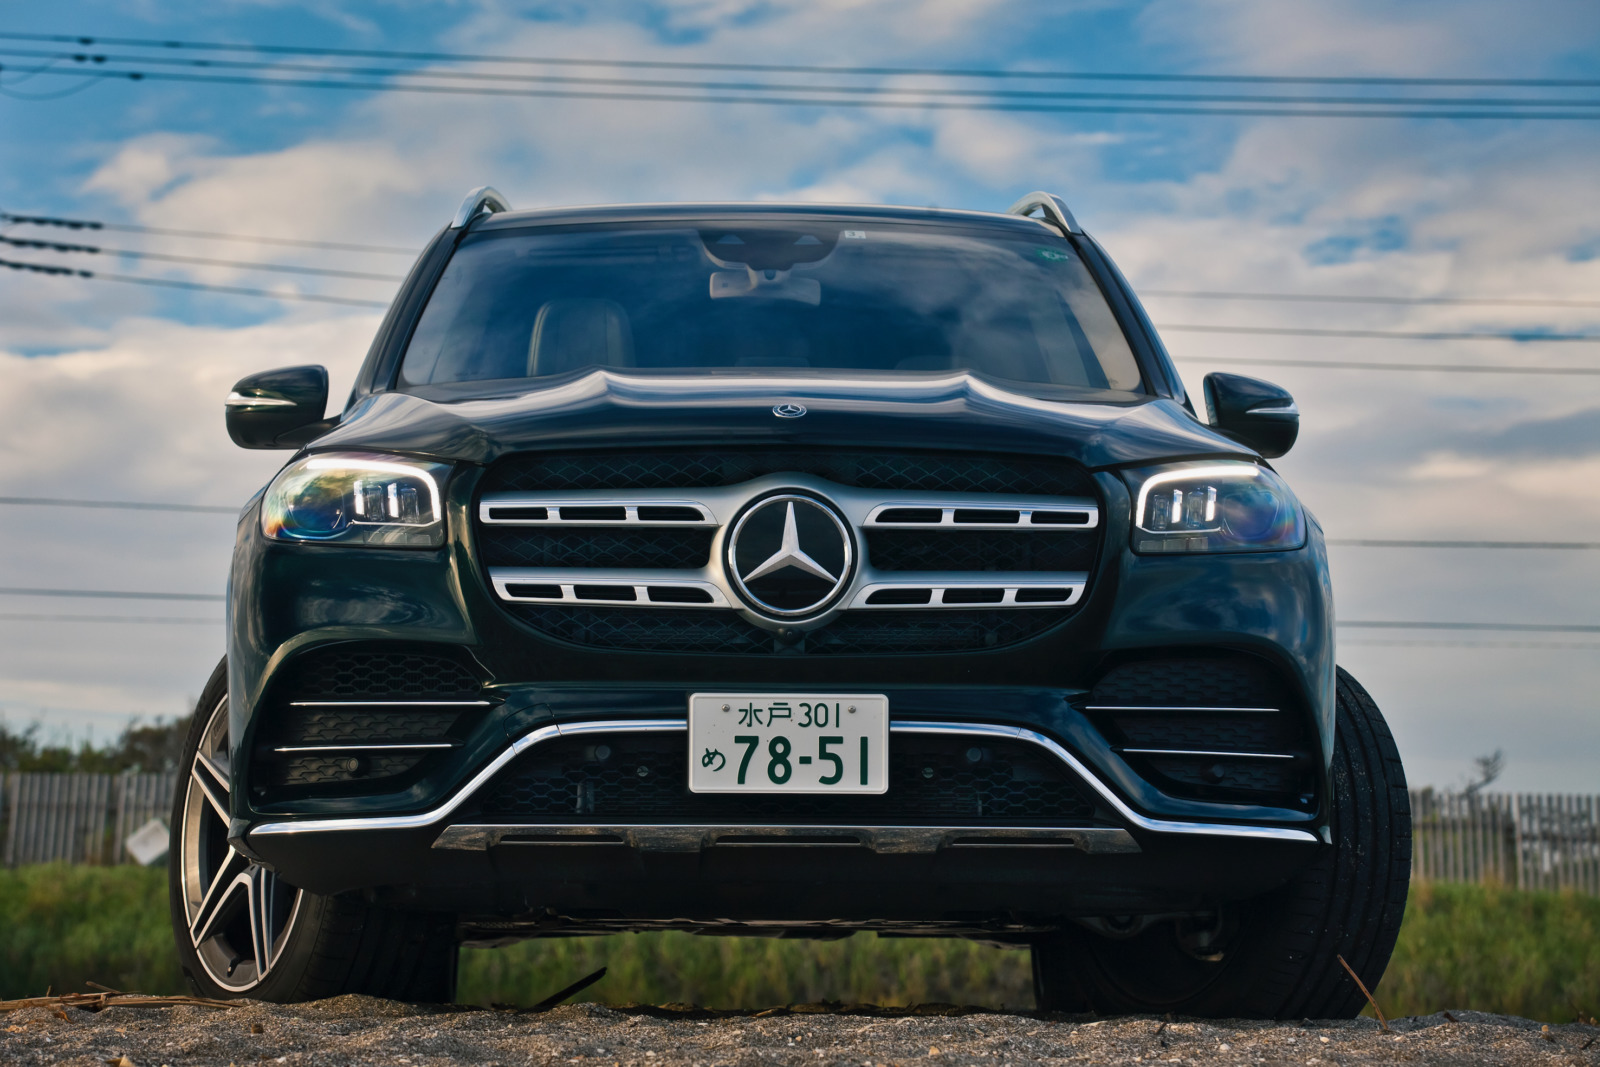 メルセデス・ベンツ GLSを国内試乗。いまこの時に渡辺慎太郎が実感した大型SUVの魅力